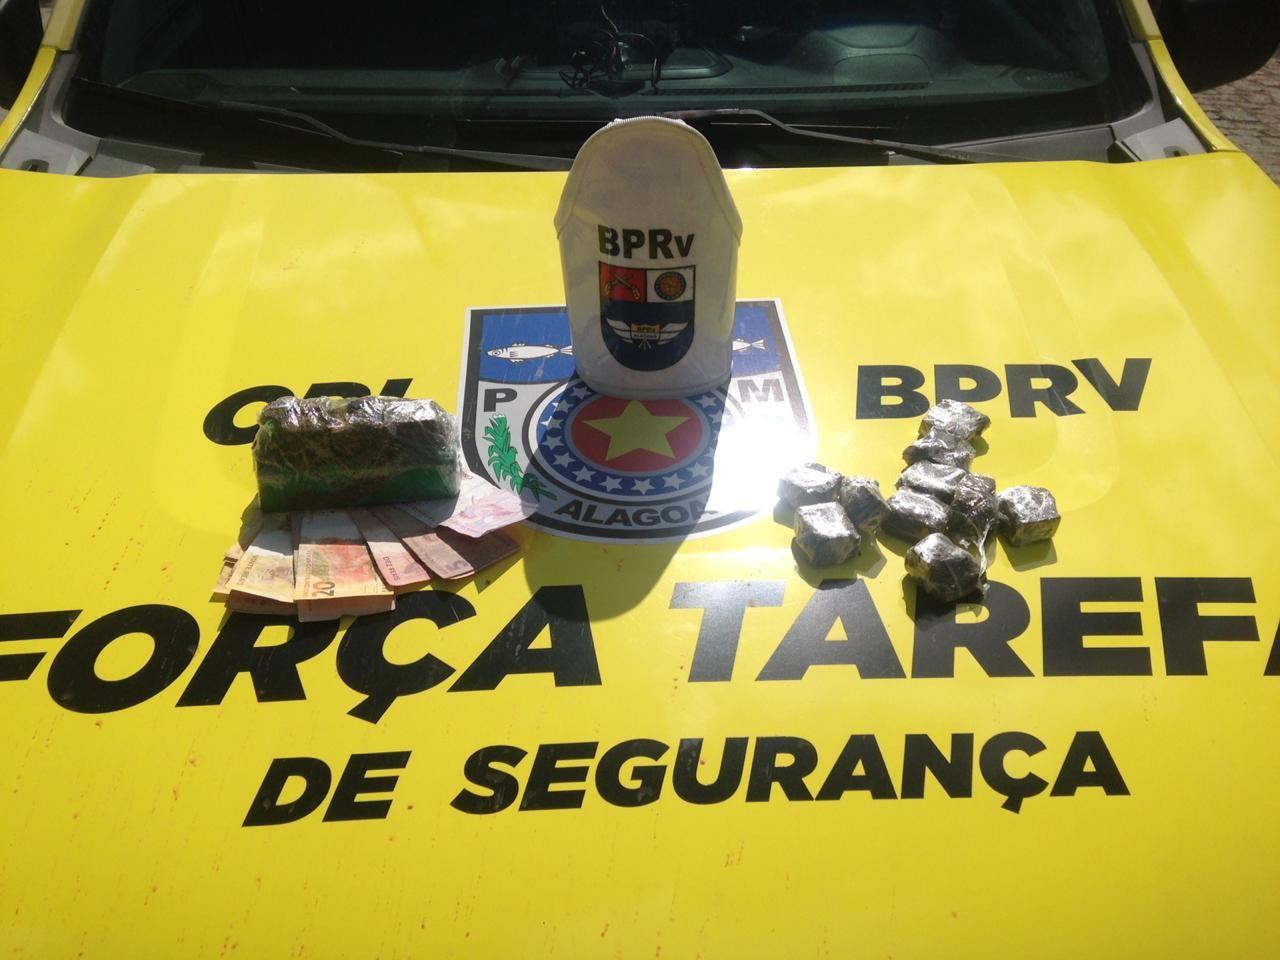 Jovem é presa com 1,2 kg de maconha no Poço, em Maceió - Notícias - Plantão Diário